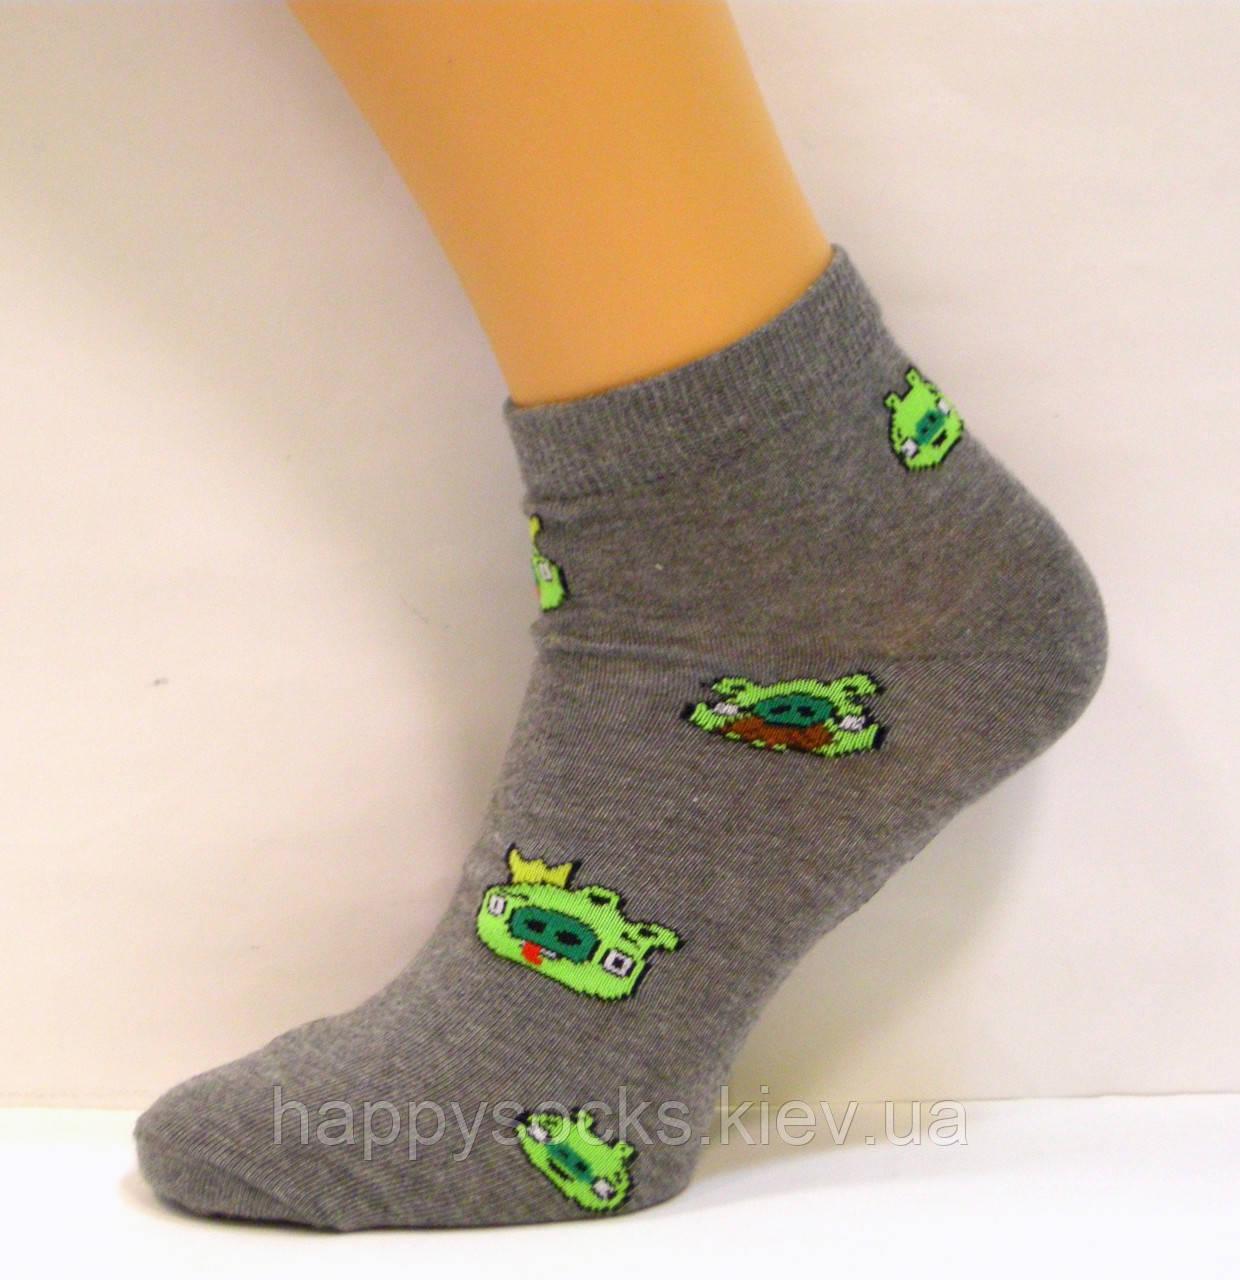 Носки укароченные хлопковые с рисунком свинки